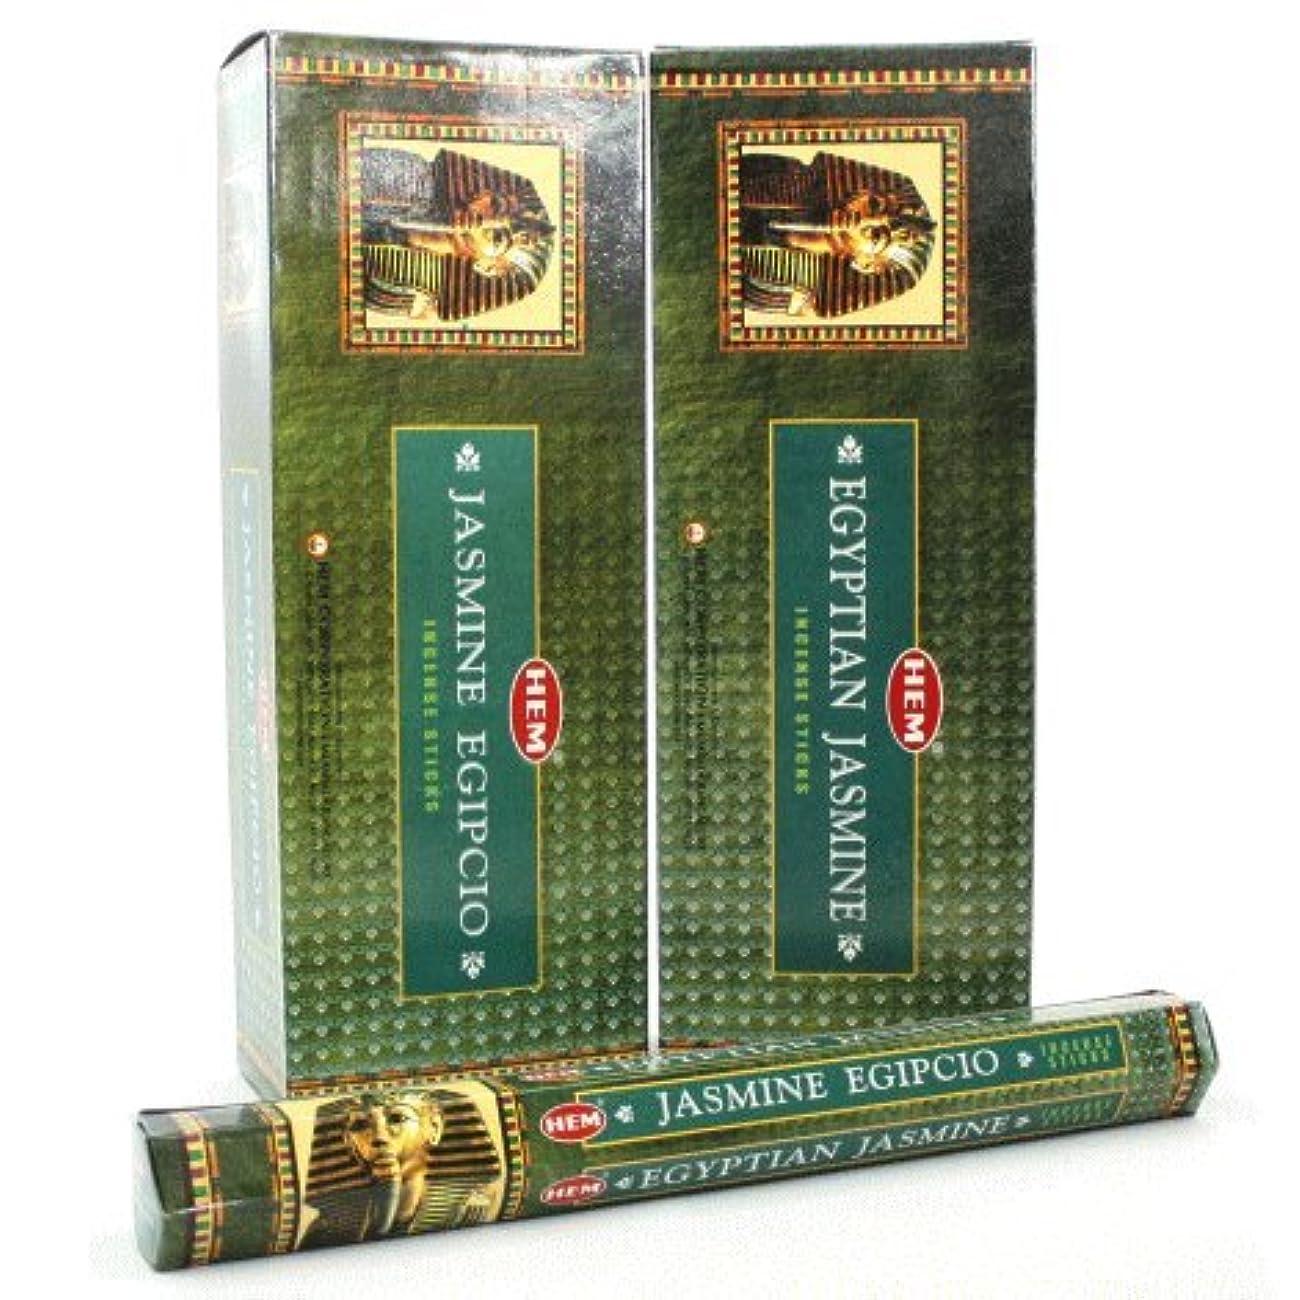 散らす美的モルヒネHEM エジプシャン ジャスミン香 スティック ヘキサパック(六角) 12箱セット HEM EGYPTIAN JASMINE